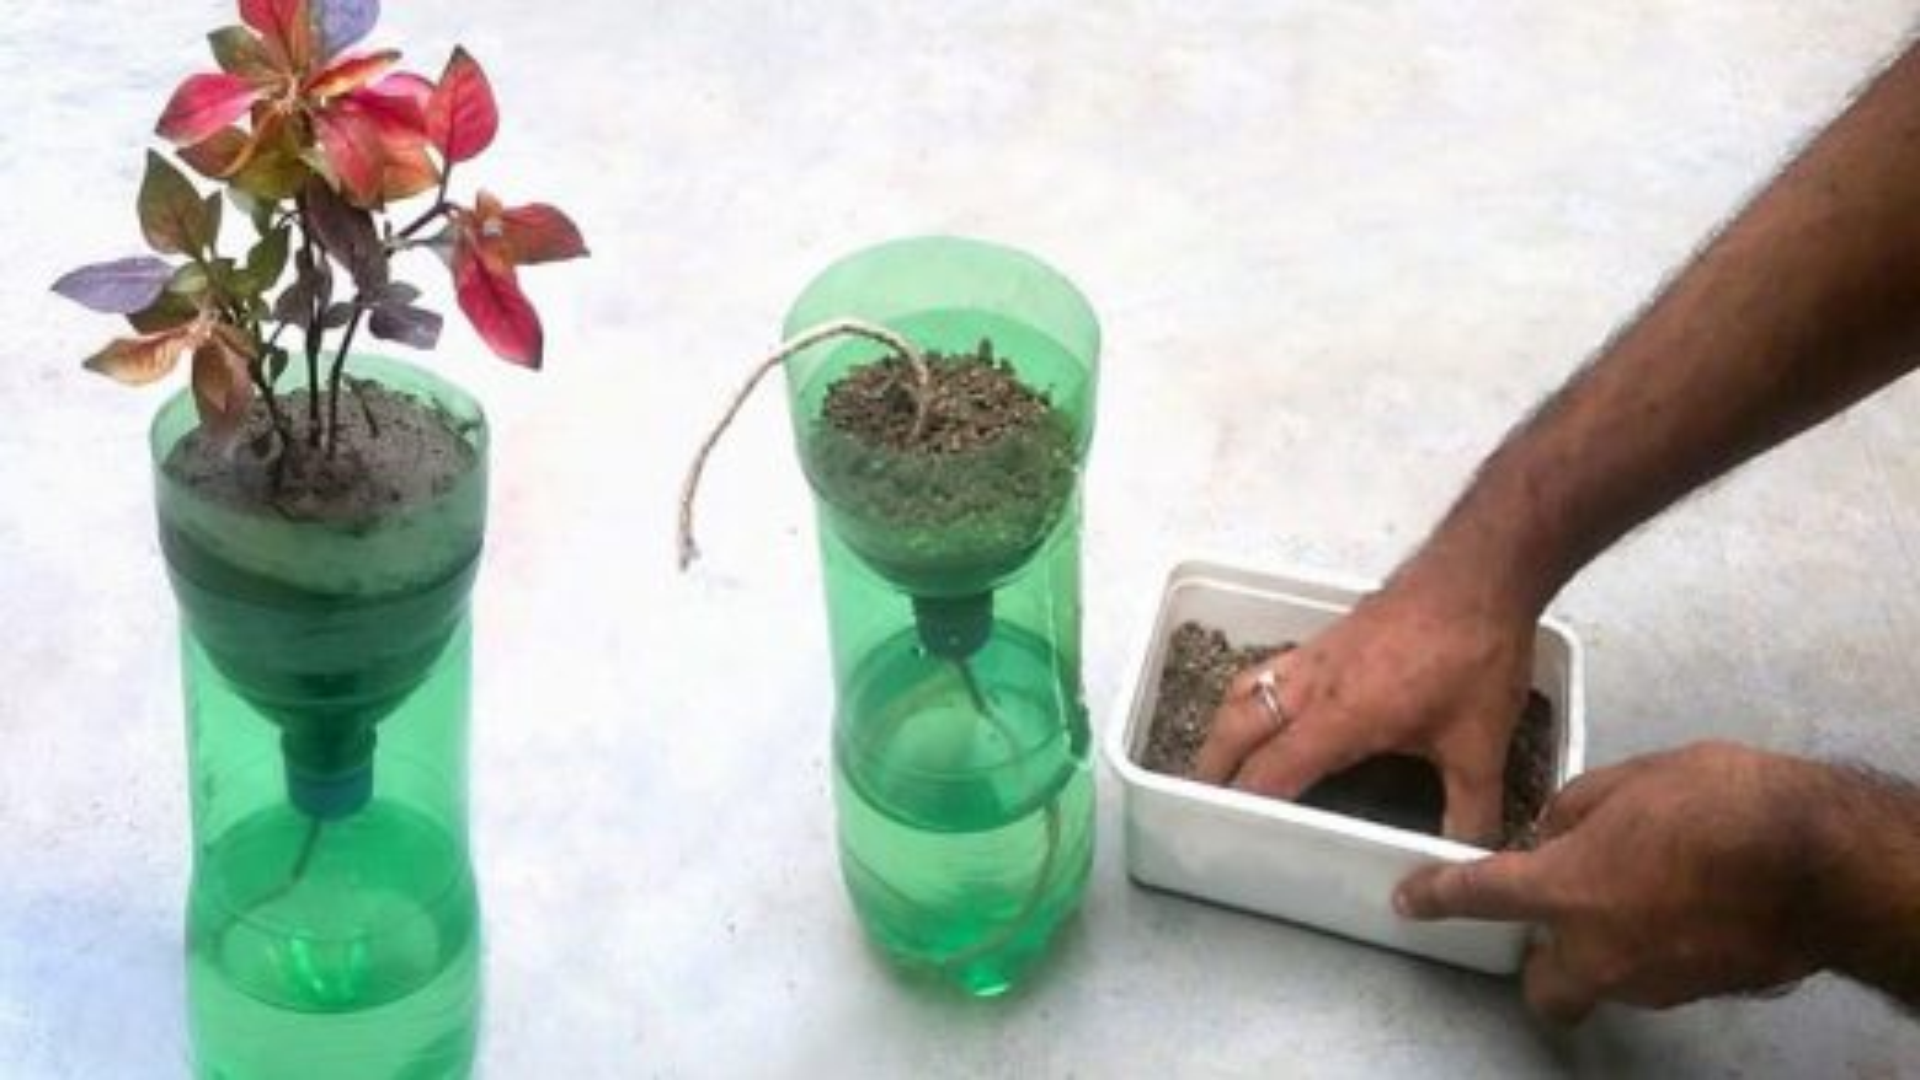 سیستم آبیاری گیاهان   تگ